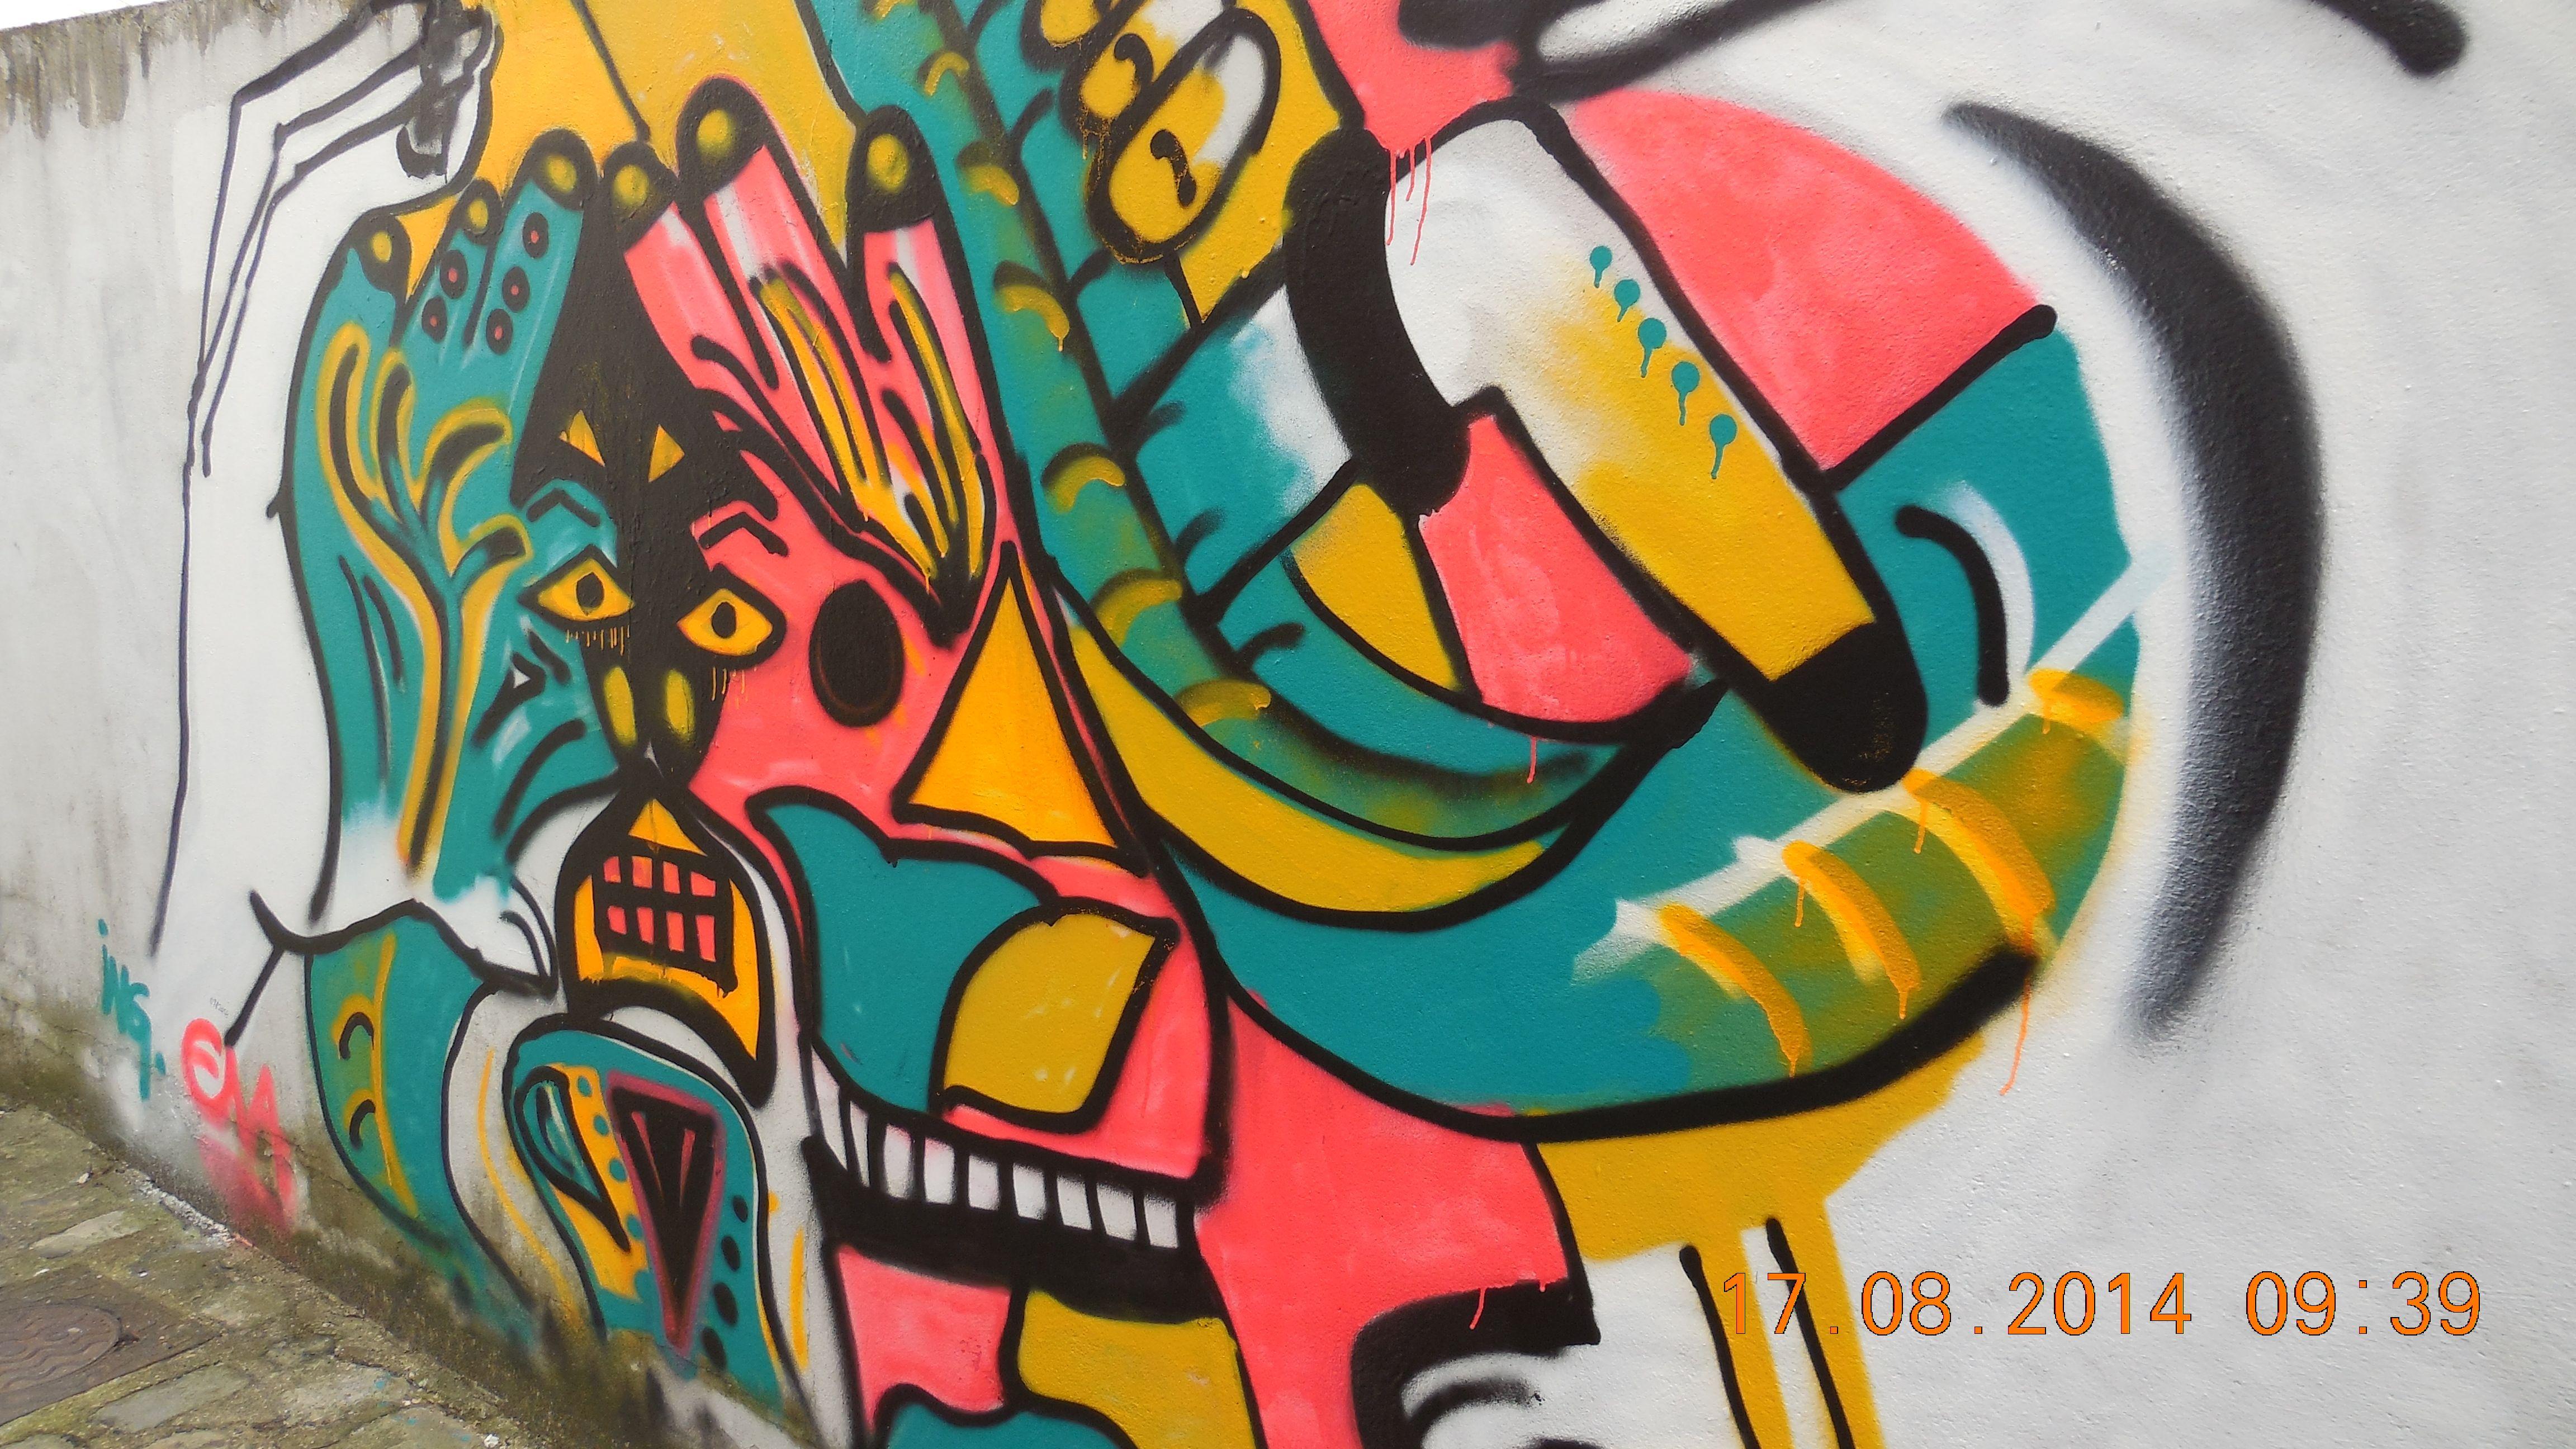 Graffiti Mural, 17 Août 2014. Passage Du Mail, Savigny Sur Orge (Essonne) ©  Photo Mieux Aborder Lu0027Avenir / CAD / BM 2014. Peinture ...